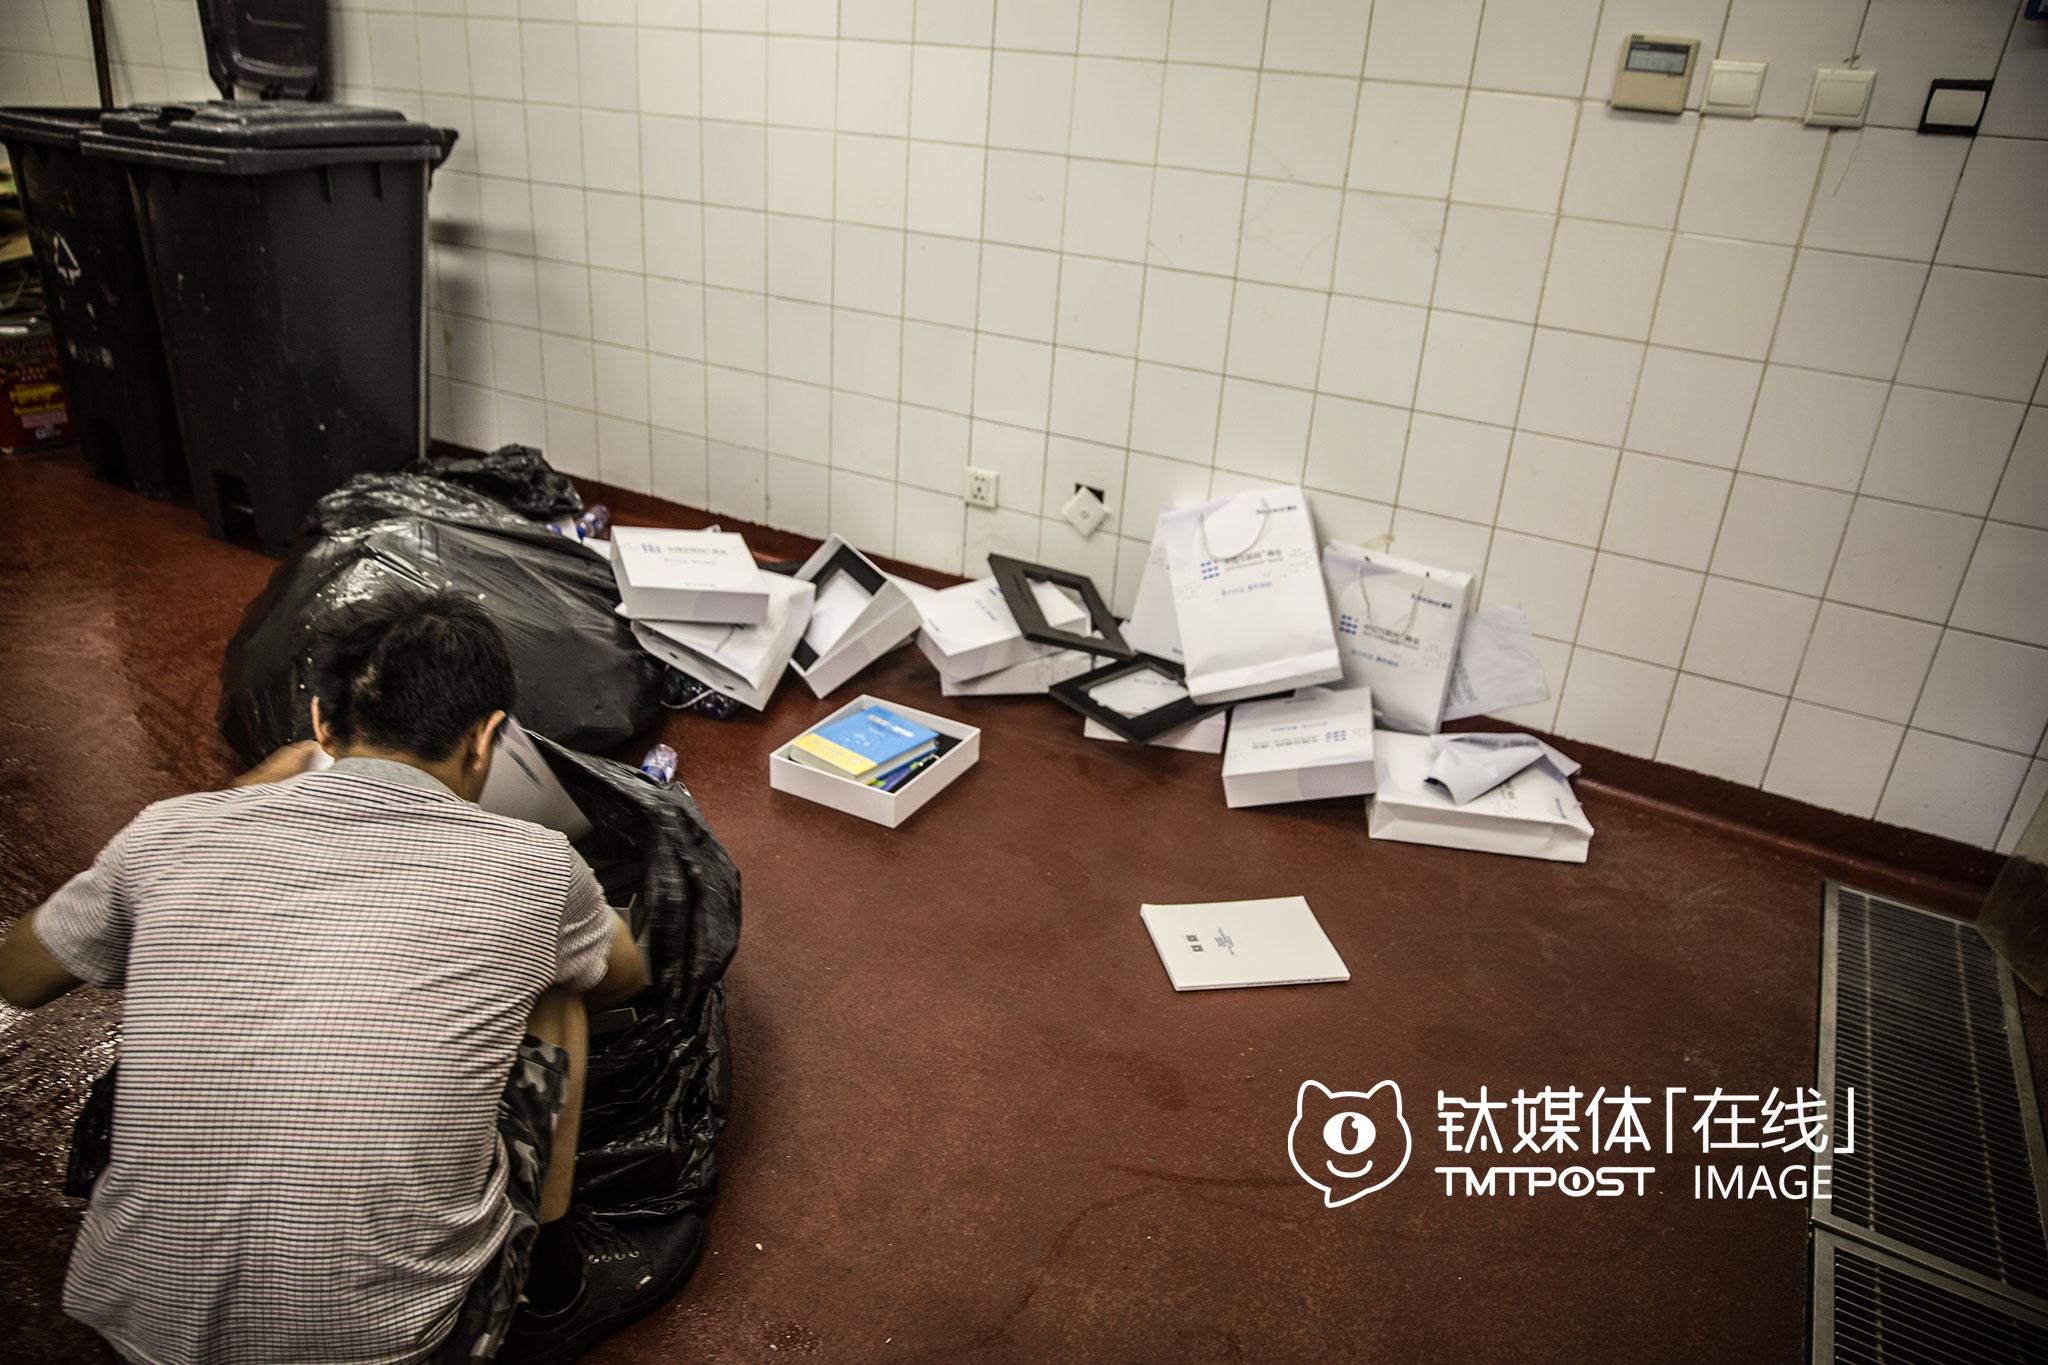 """北京,国贸三期B2的垃圾房,一个会议结束后,保洁从现场收来了与会者留下的大量纸袋、礼物,""""里面有书,但我也看不懂,没用,待会就有回收废品的来拉""""。"""